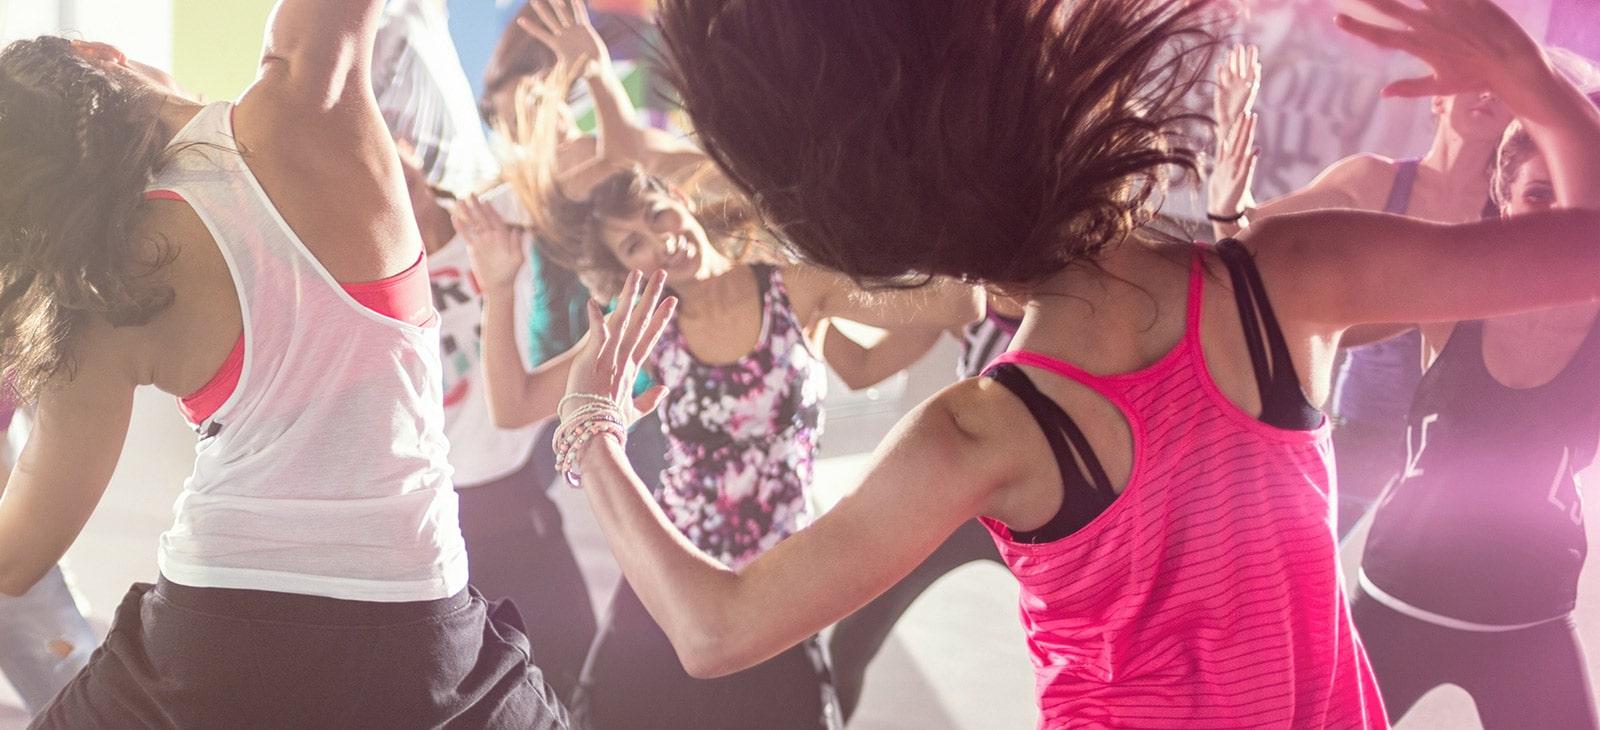 Frauen tanzen Zumba